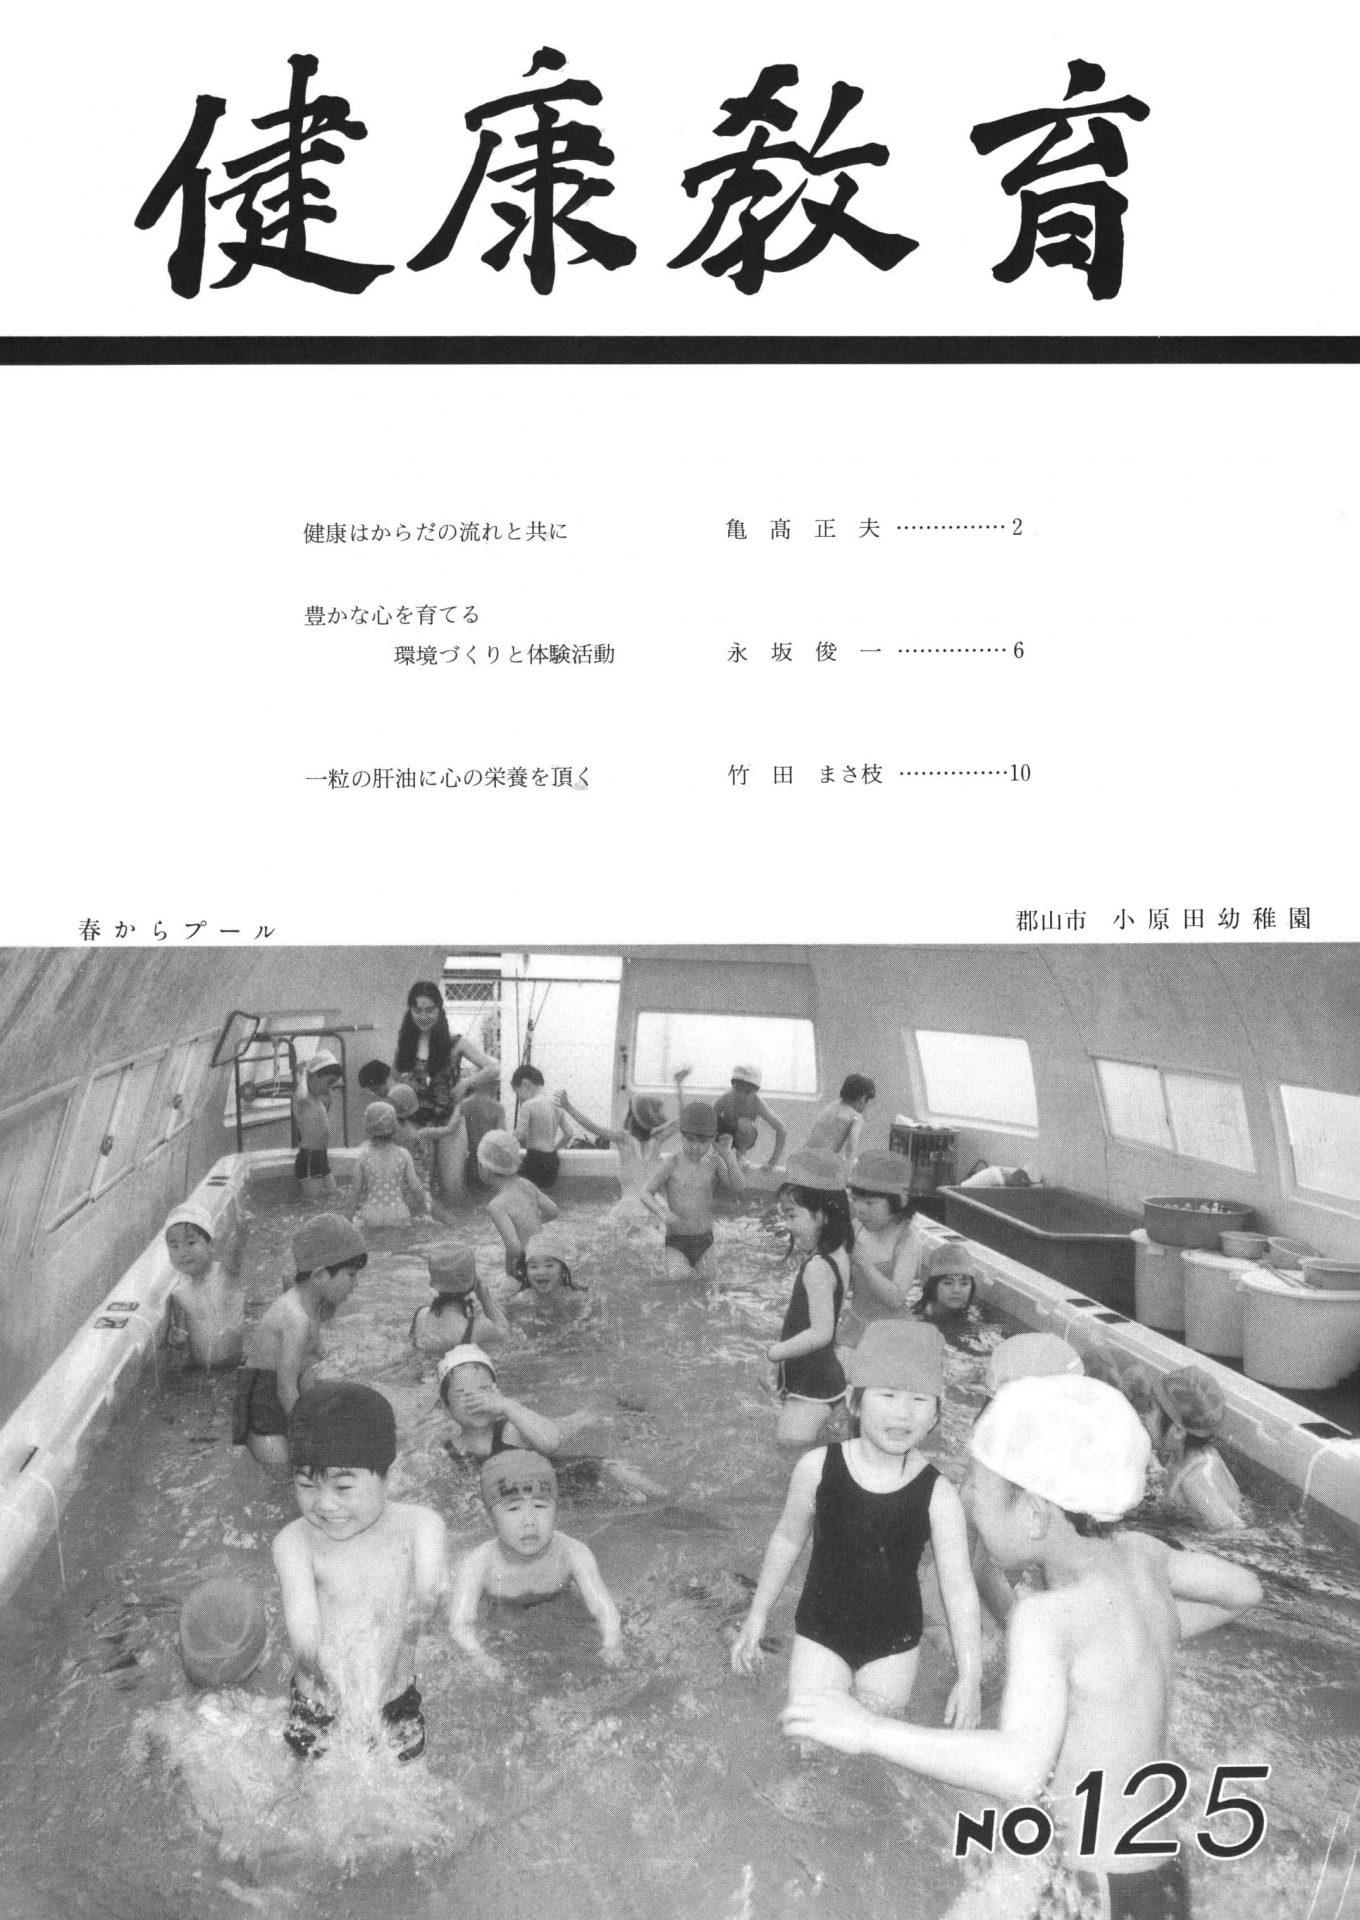 健康教育 No.125